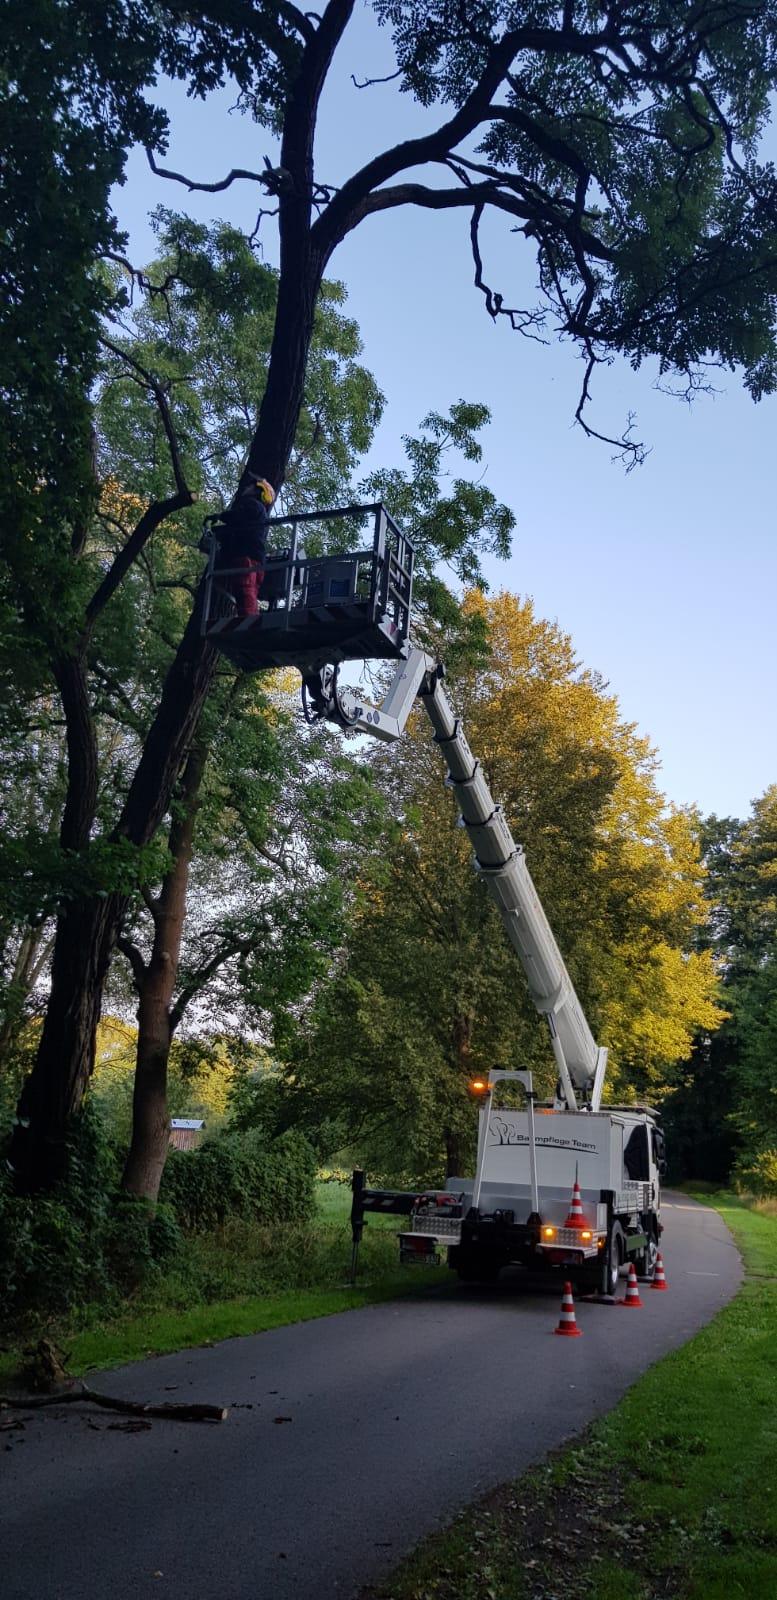 Todholzentnahme an Bäumen in Lieberose